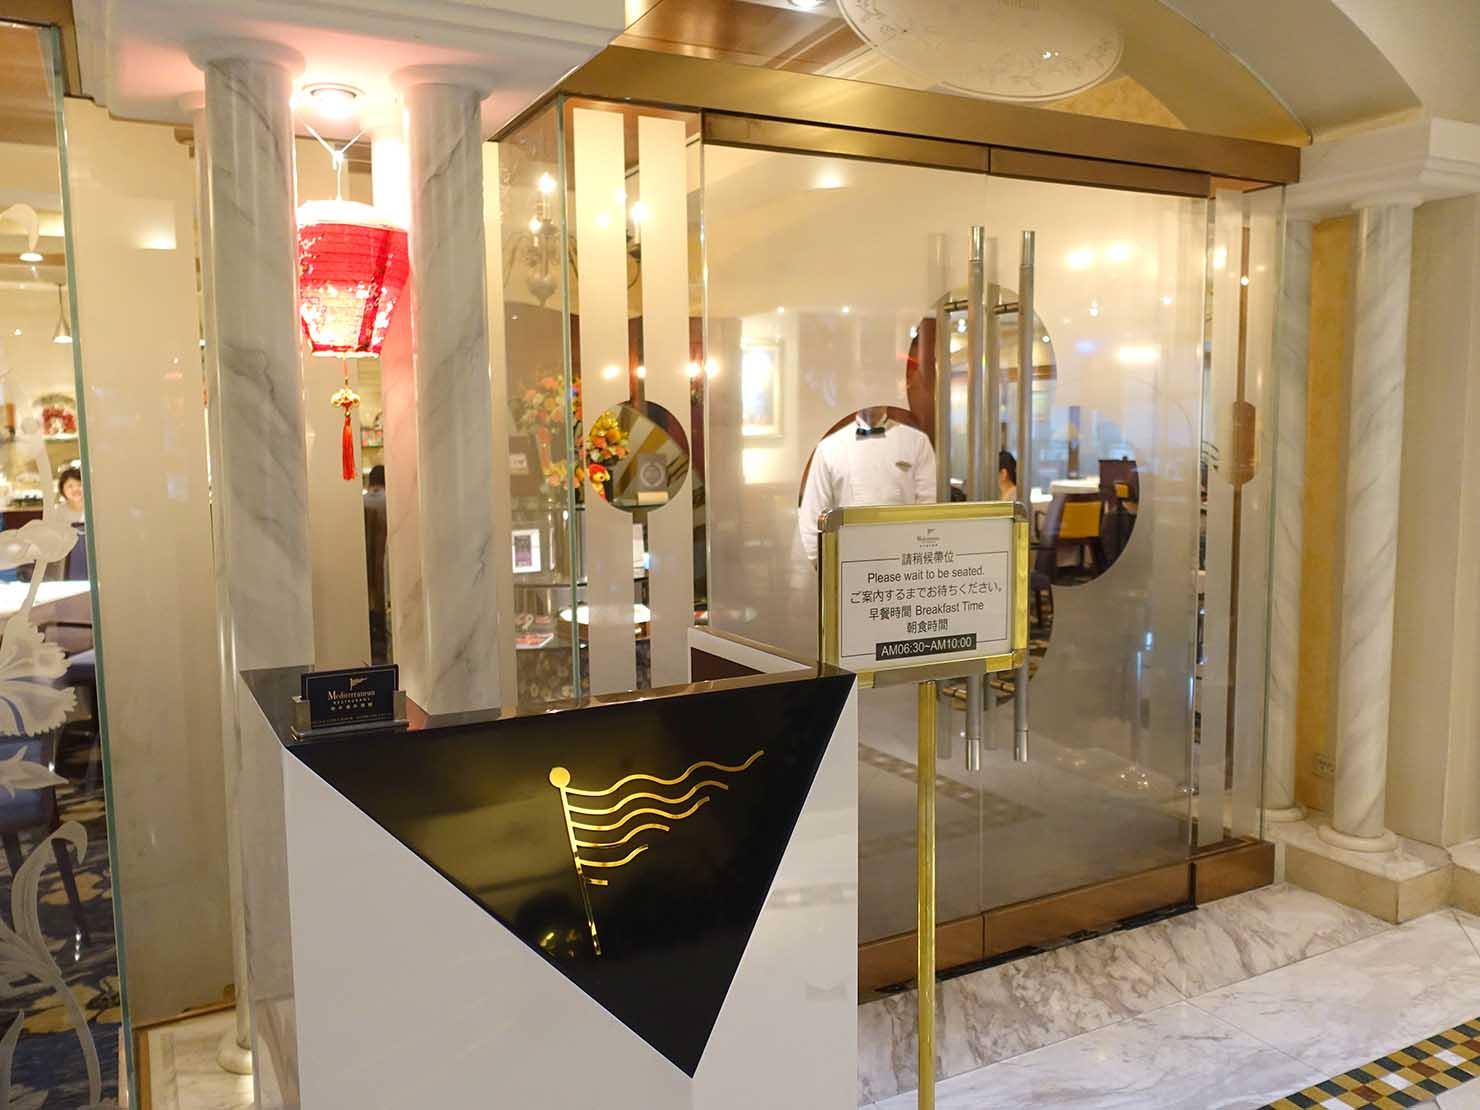 台北の4つ星ホテルにあるステーキハウス「地中海牛排館」の入り口